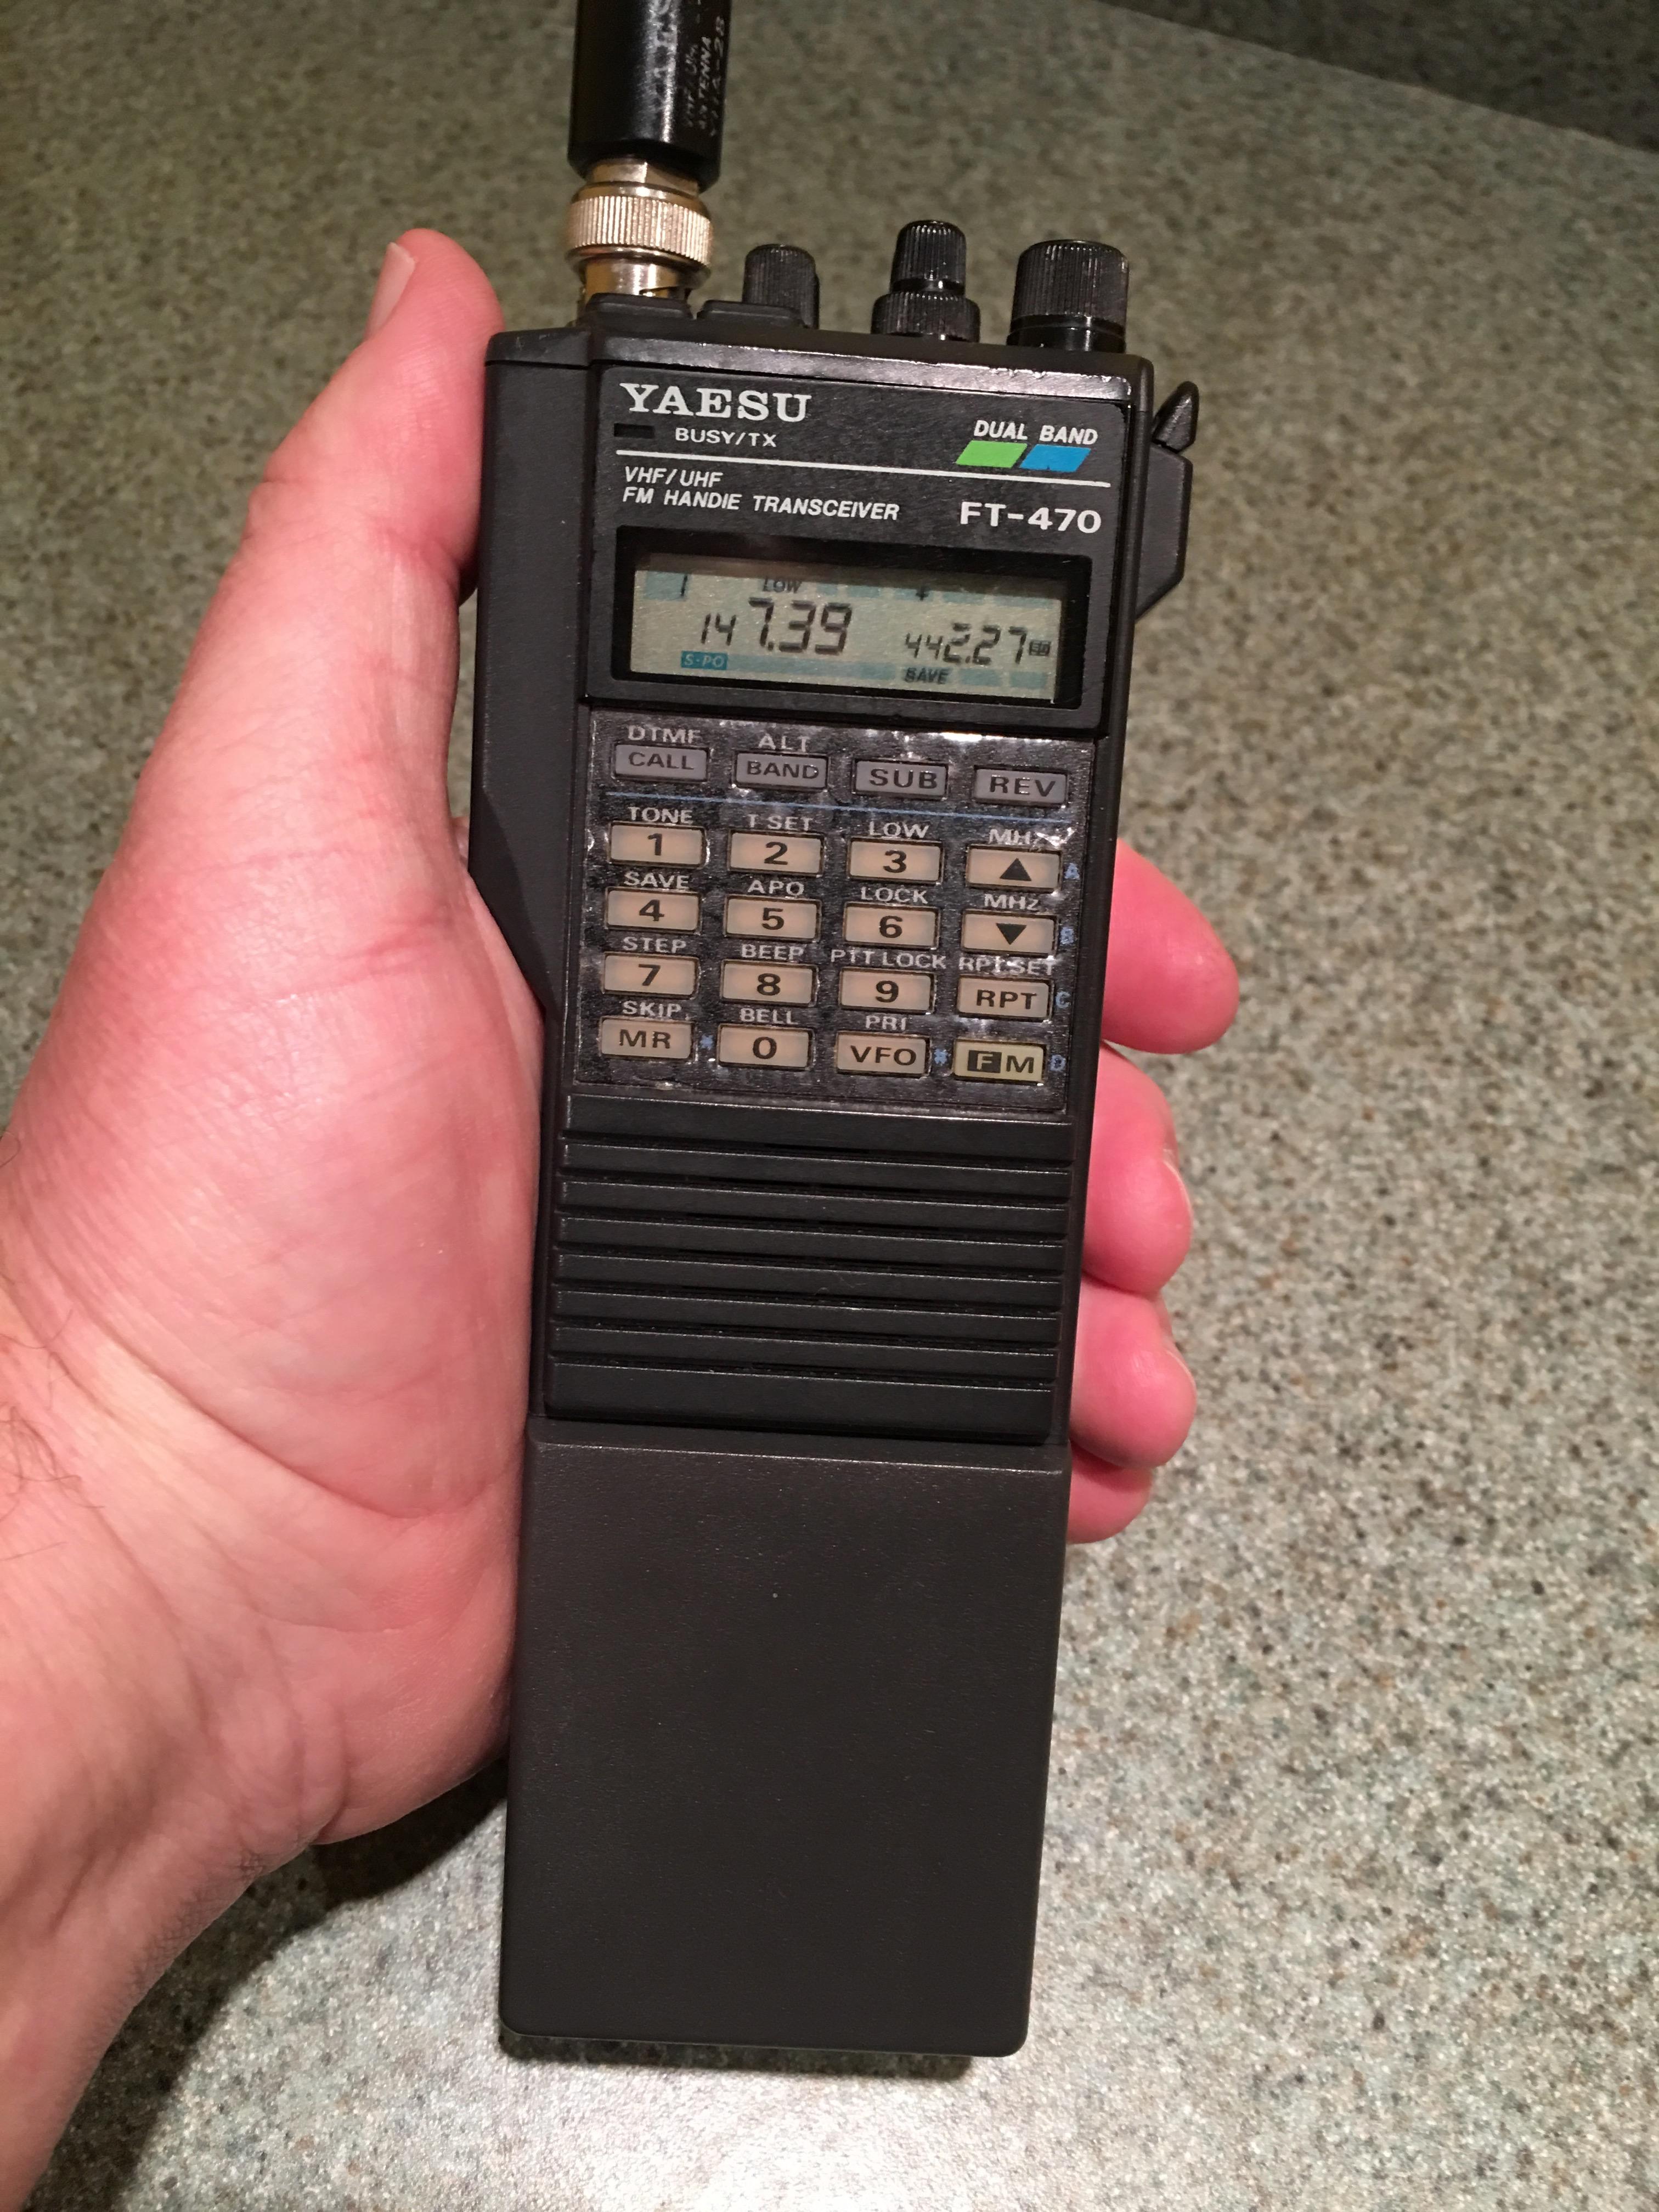 N8CD's Handheld Radio Review #3: Yaesu FT-470R dual bander